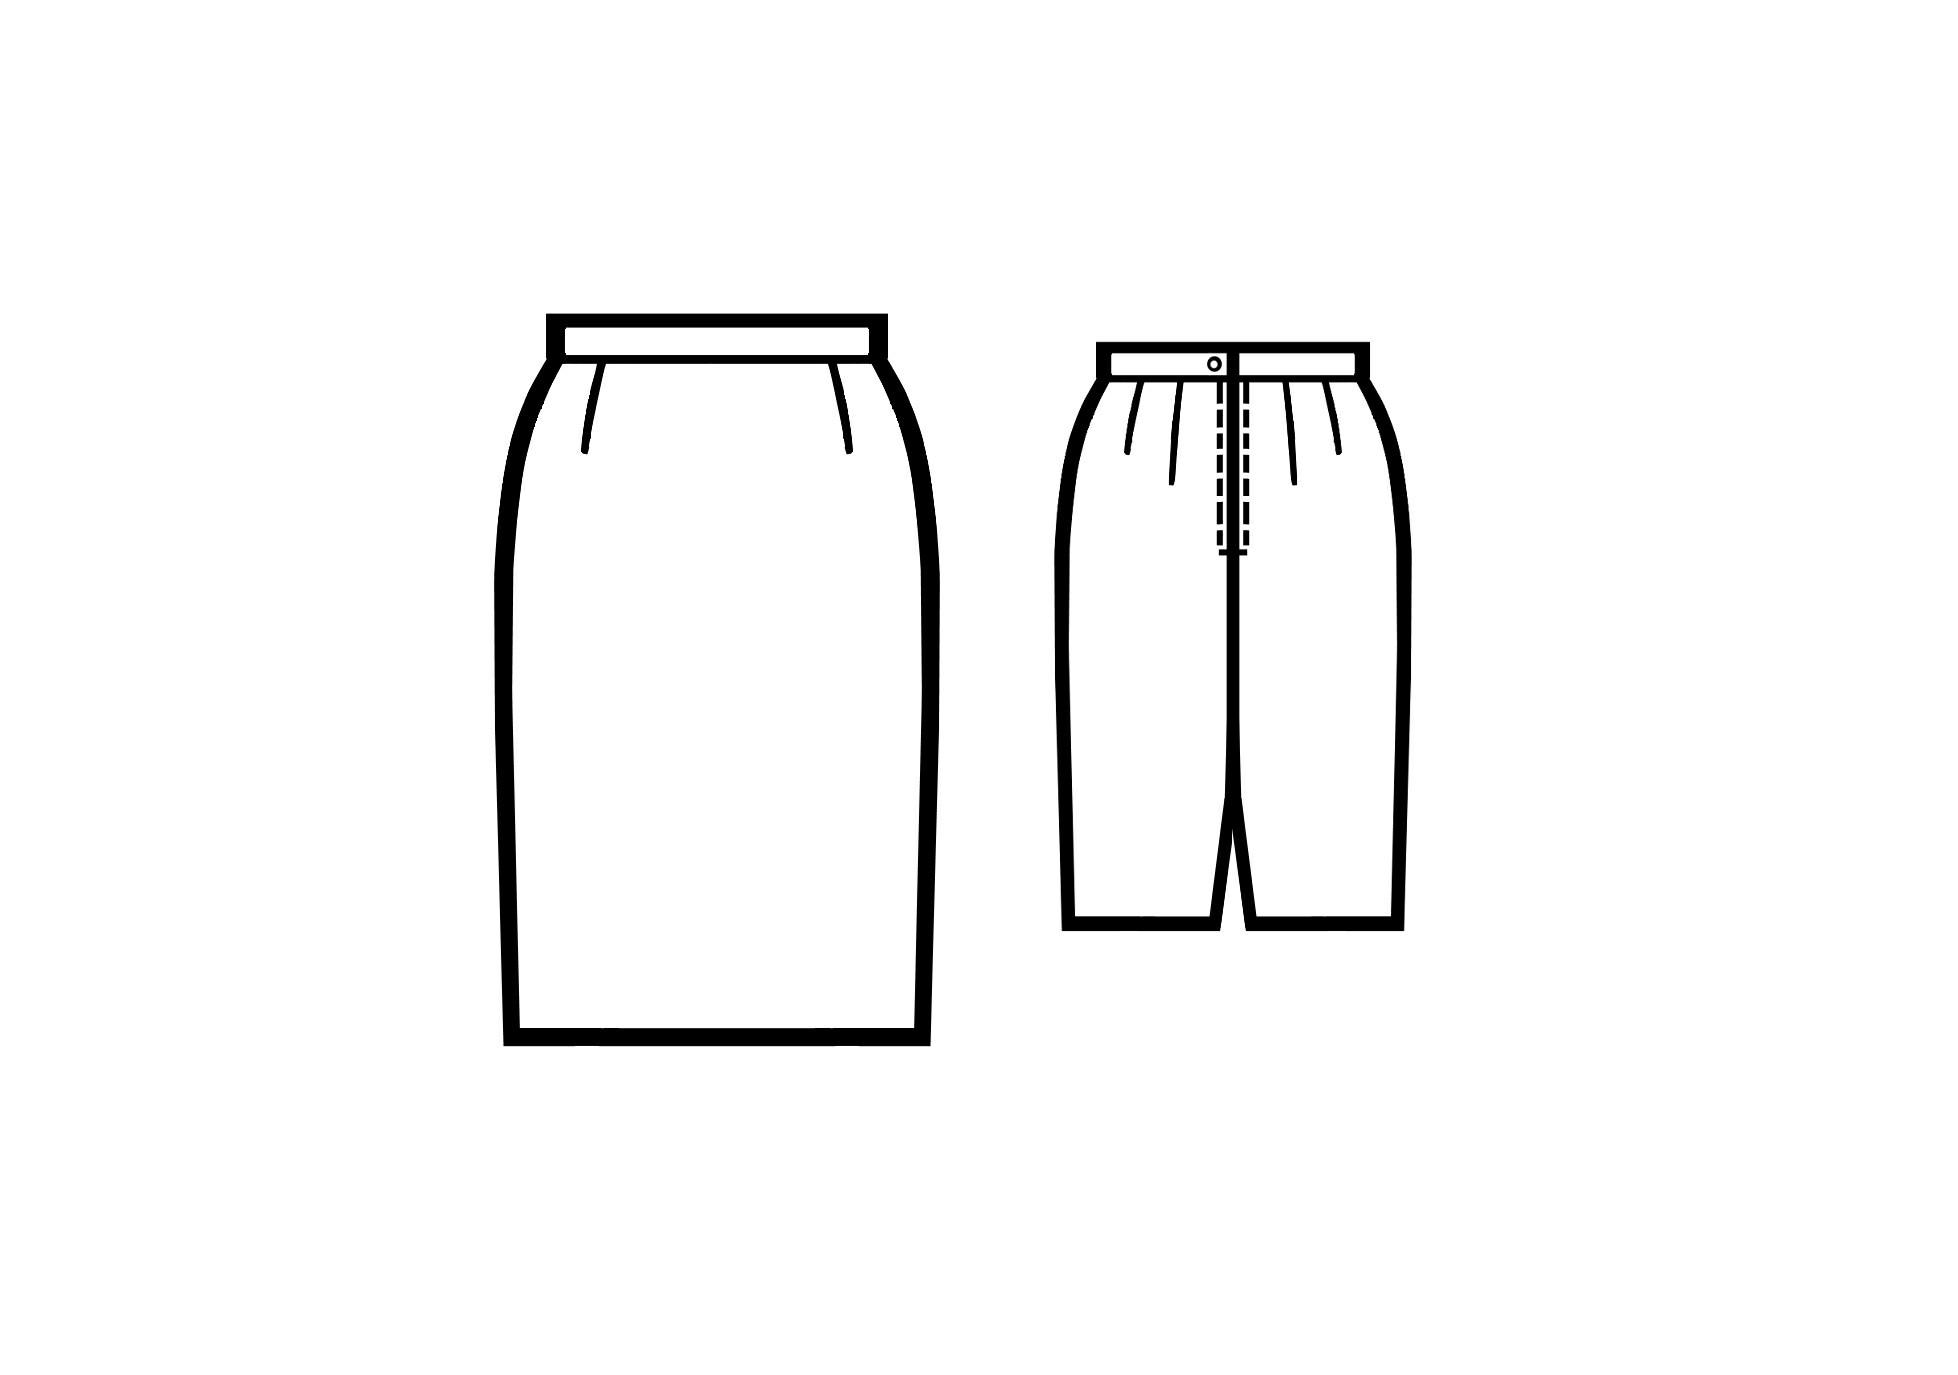 Как построить выкройку юбки самостоятельно